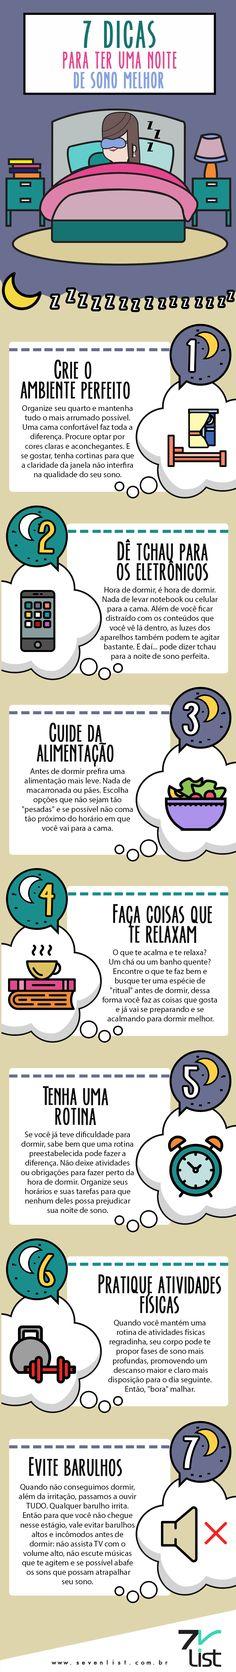 7 dicas para ter uma noite de sono melhor